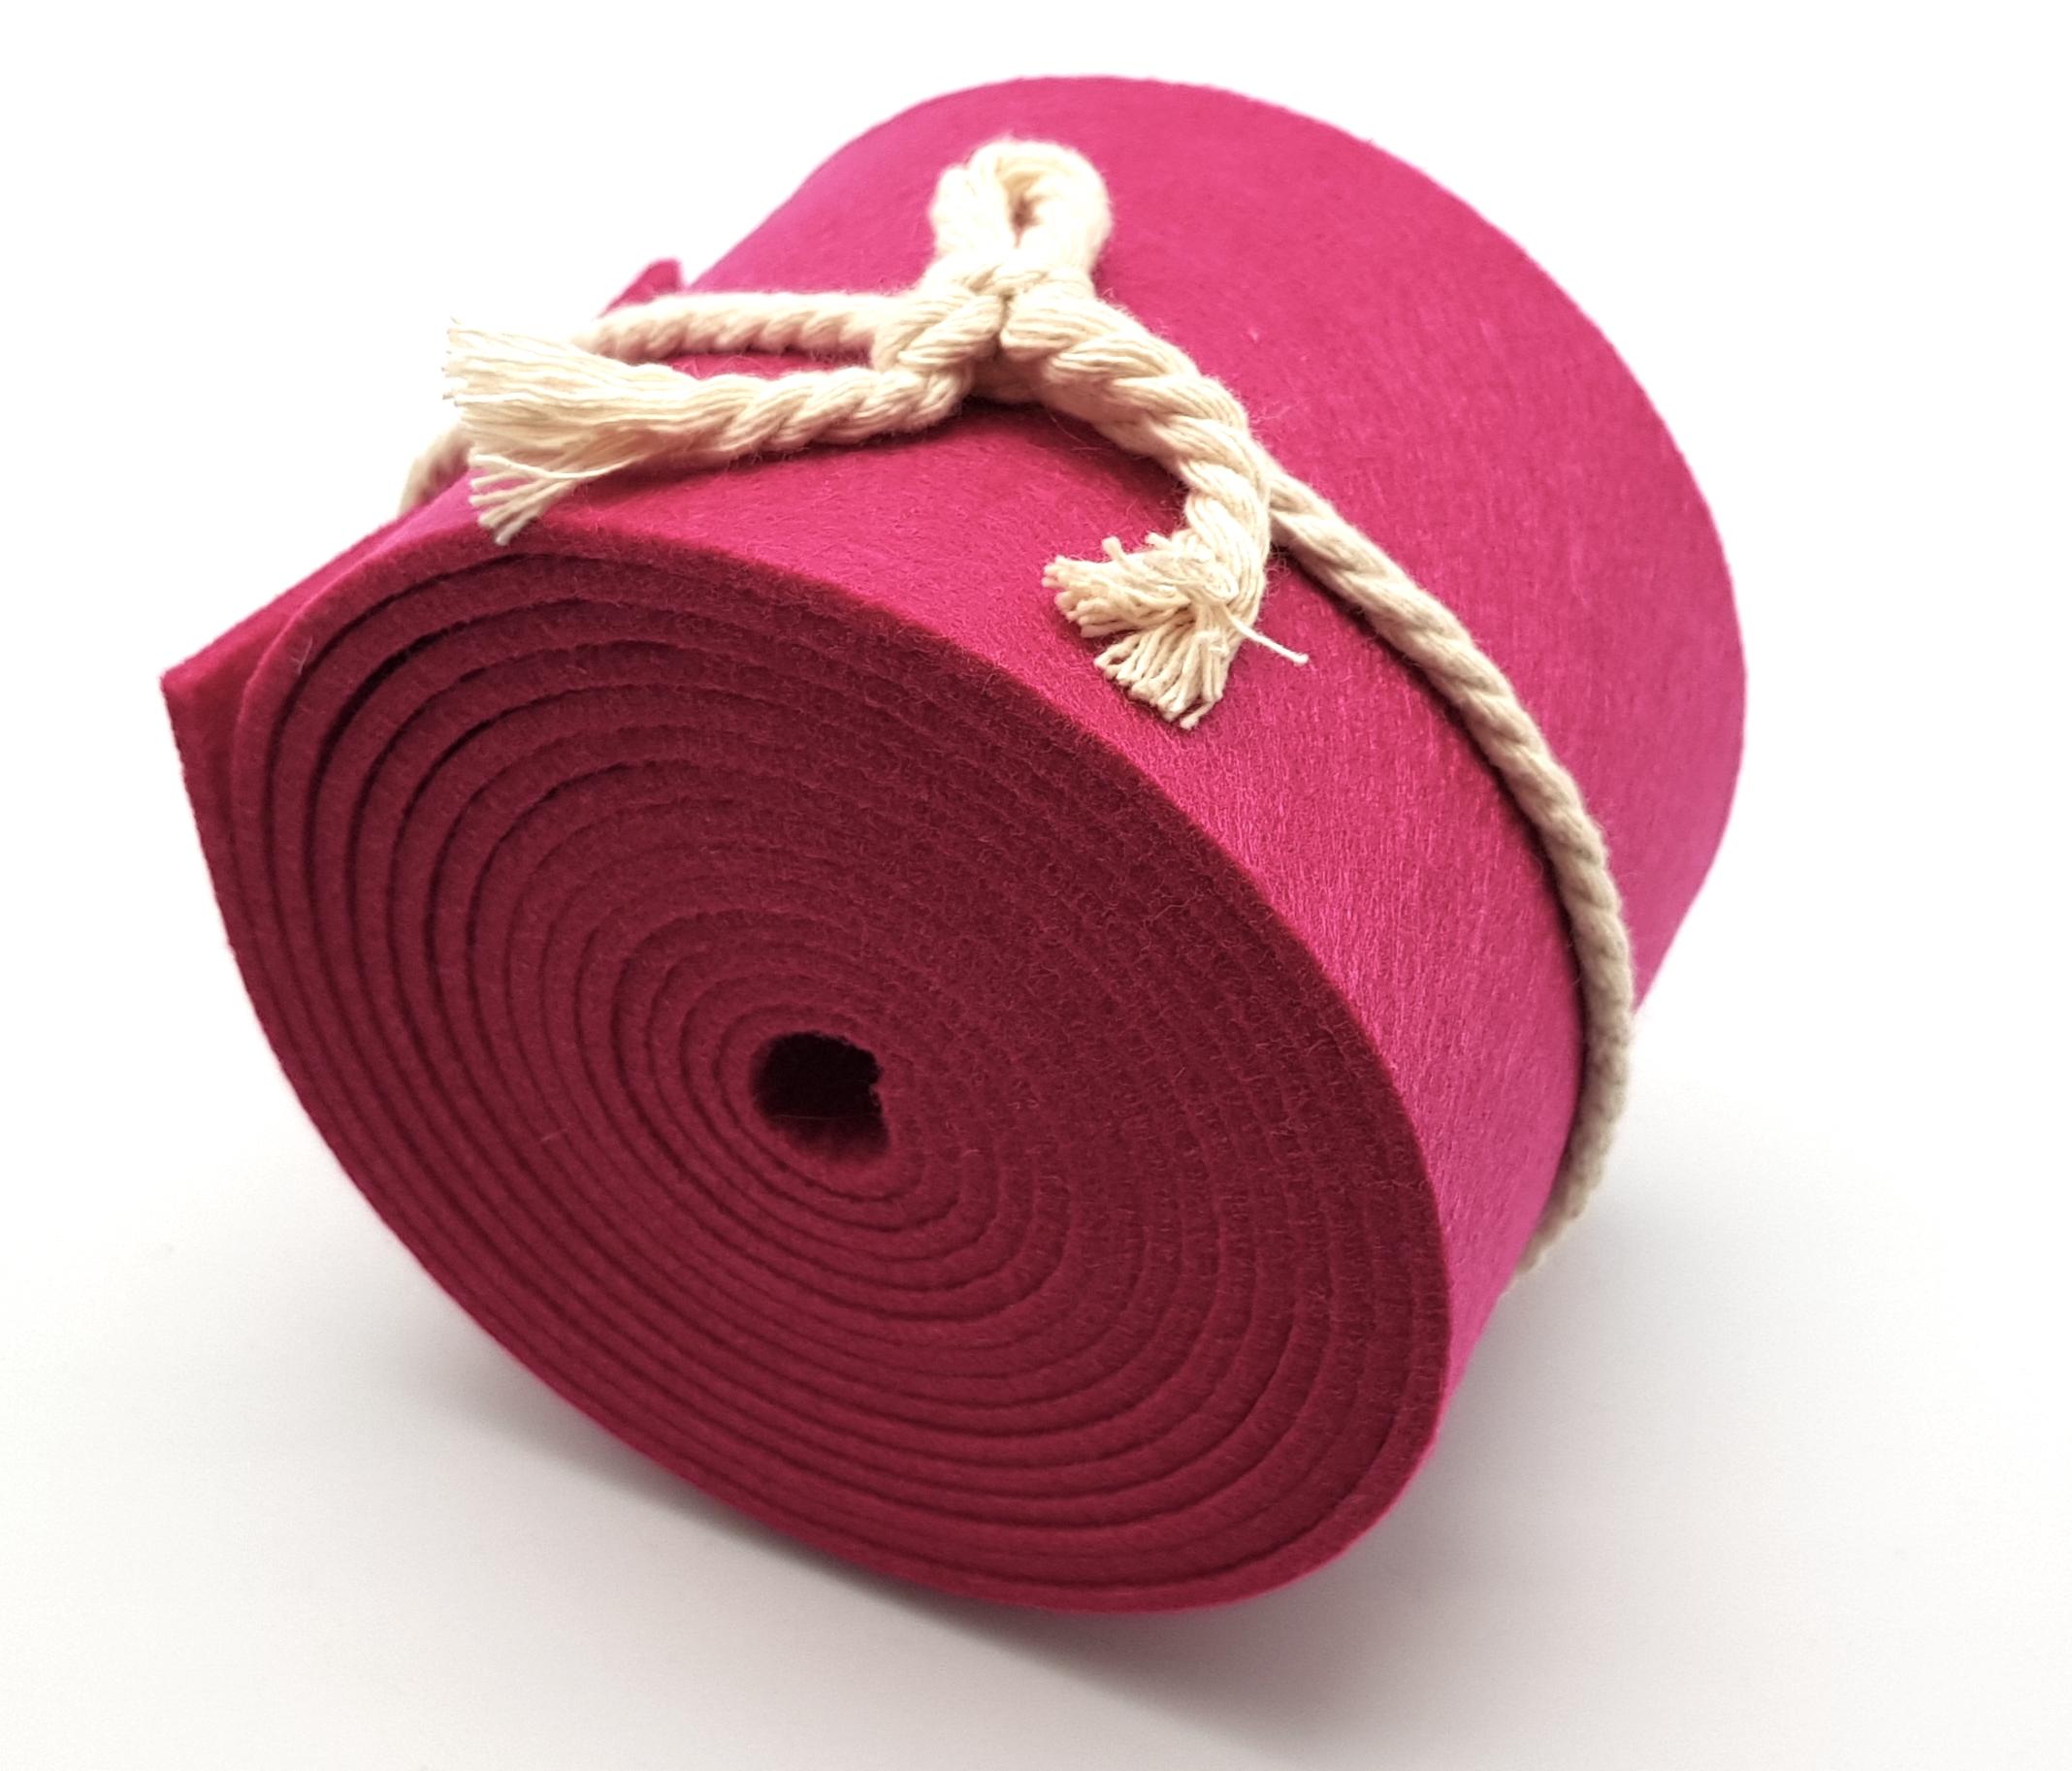 8-cm-rolle-pink - Handgemachte individualisierbare Taschen, Körbe, Tischsets, Dekoartikel und mehr auf fideko.de der Onlineshop seit 2011